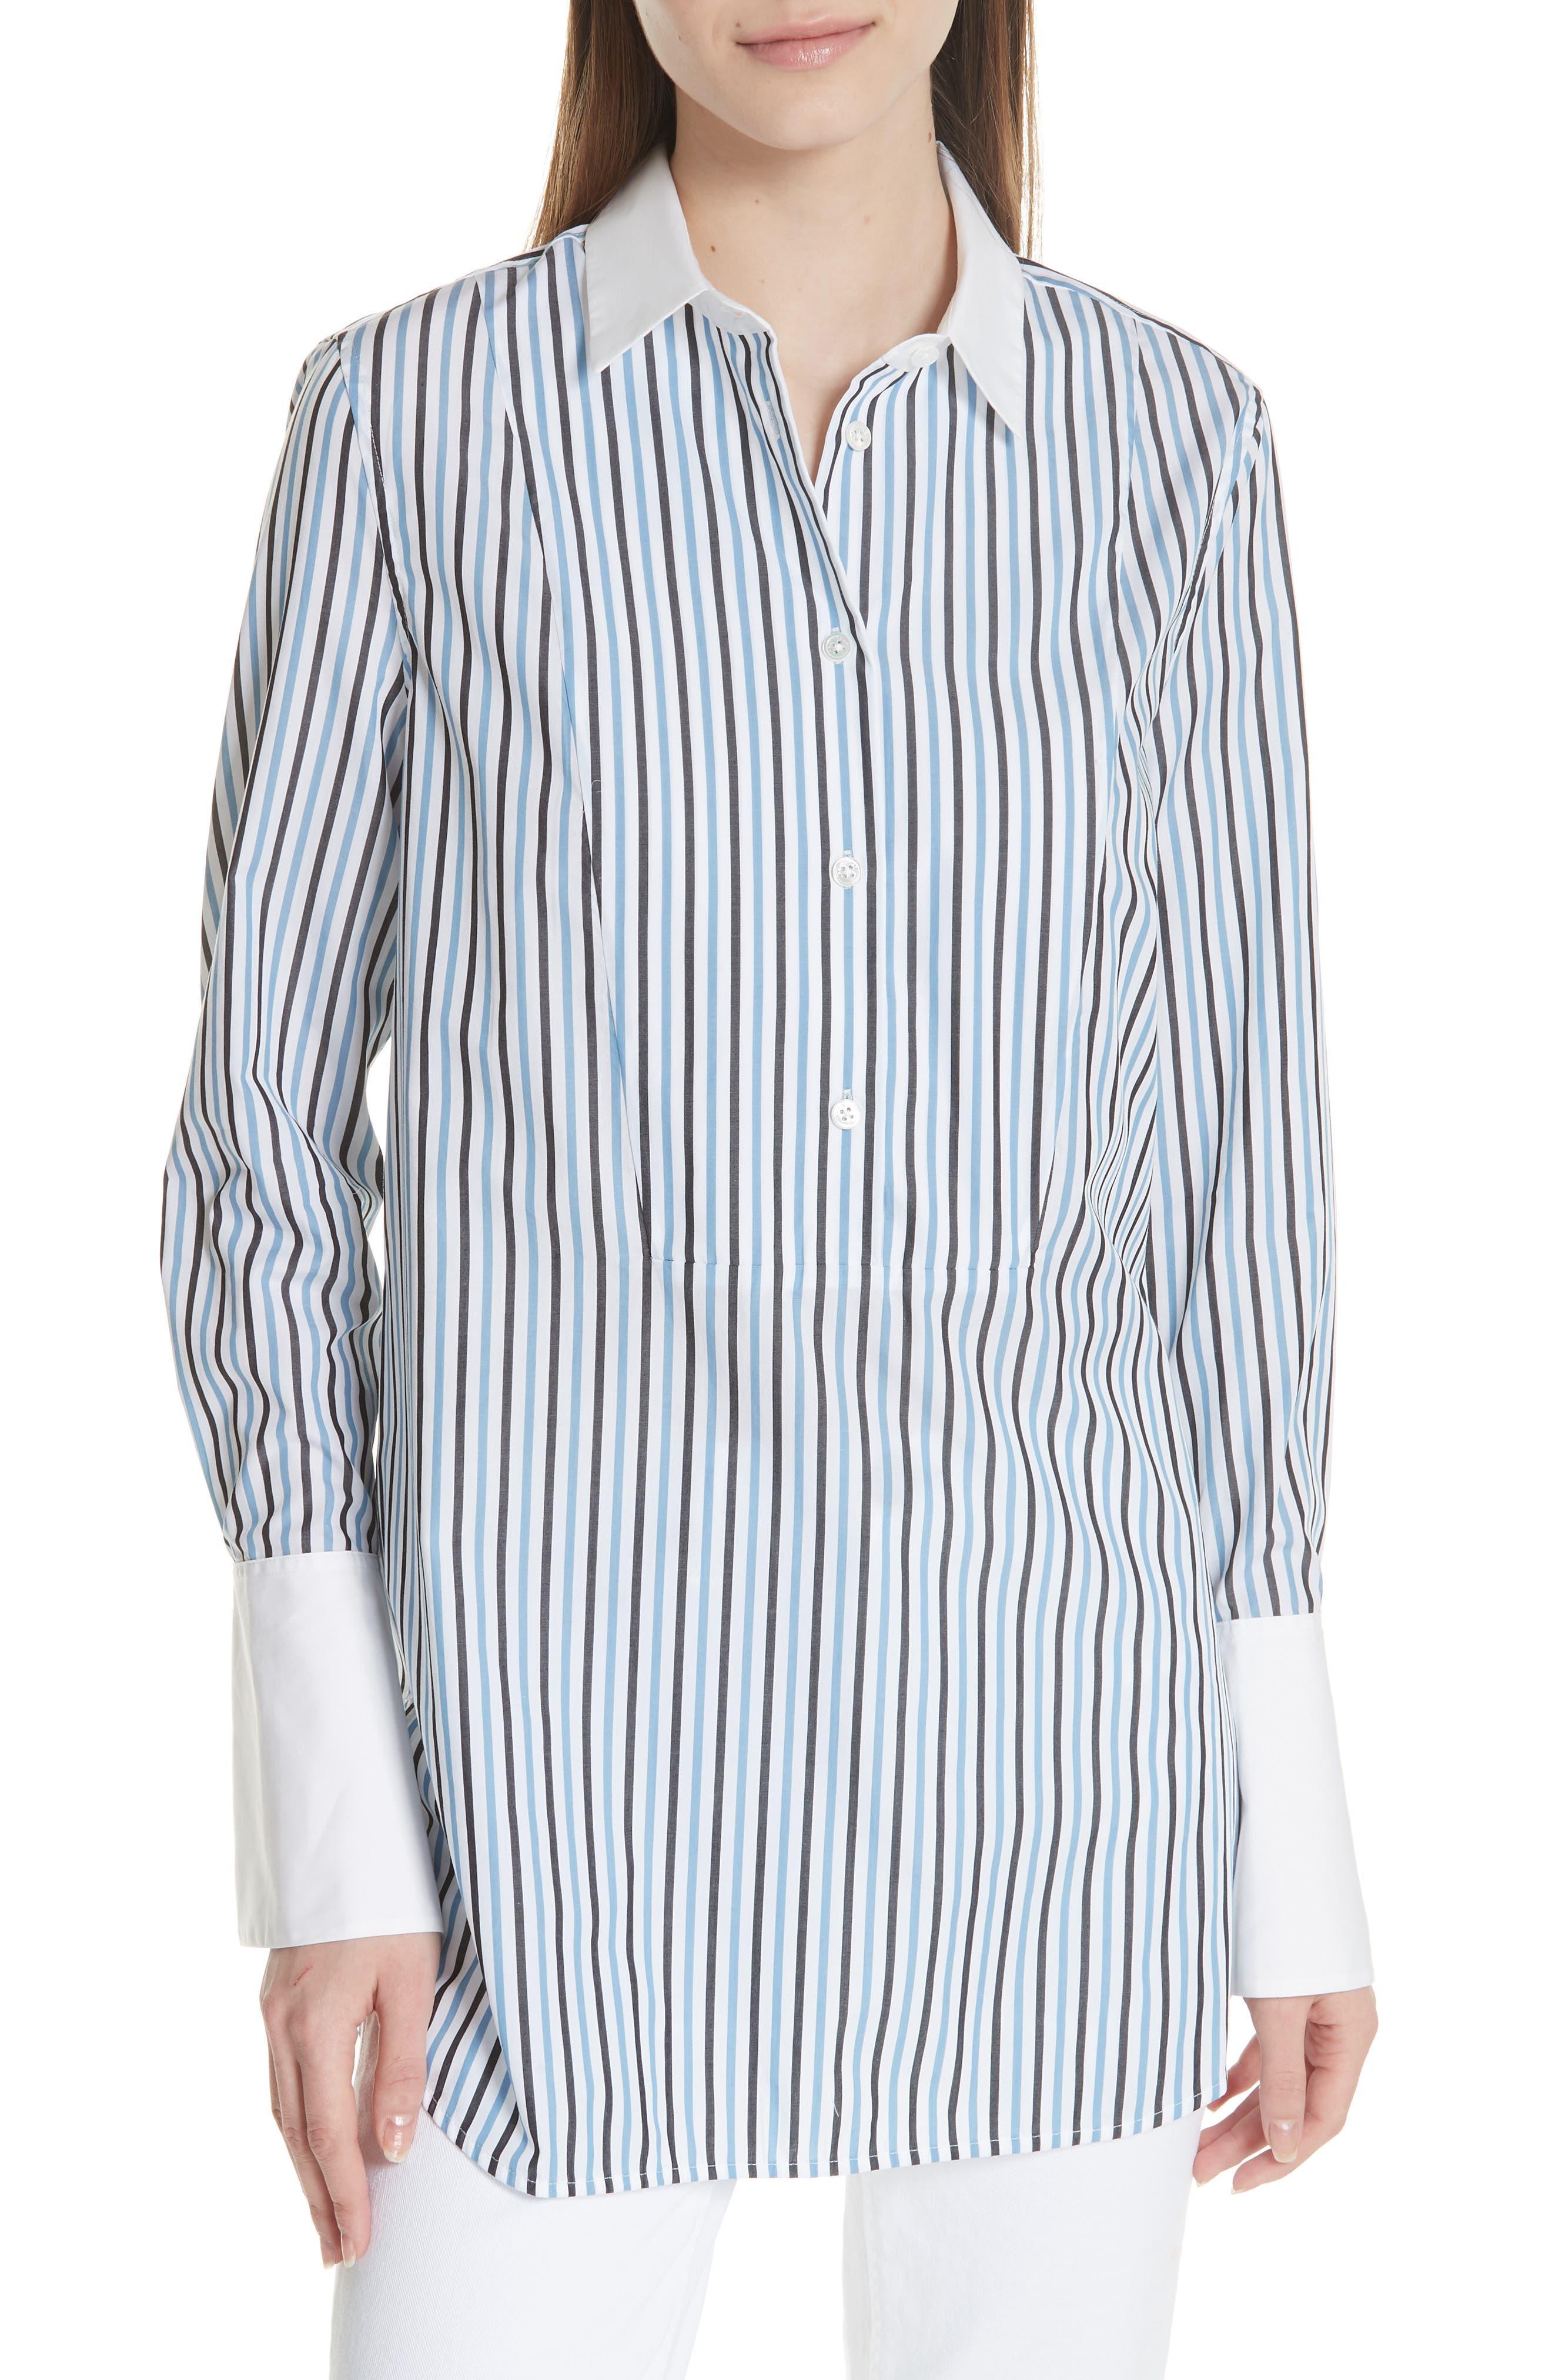 Arlette Tuxedo Cotton Blouse,                         Main,                         color, Bright White/ Moroccan Blue